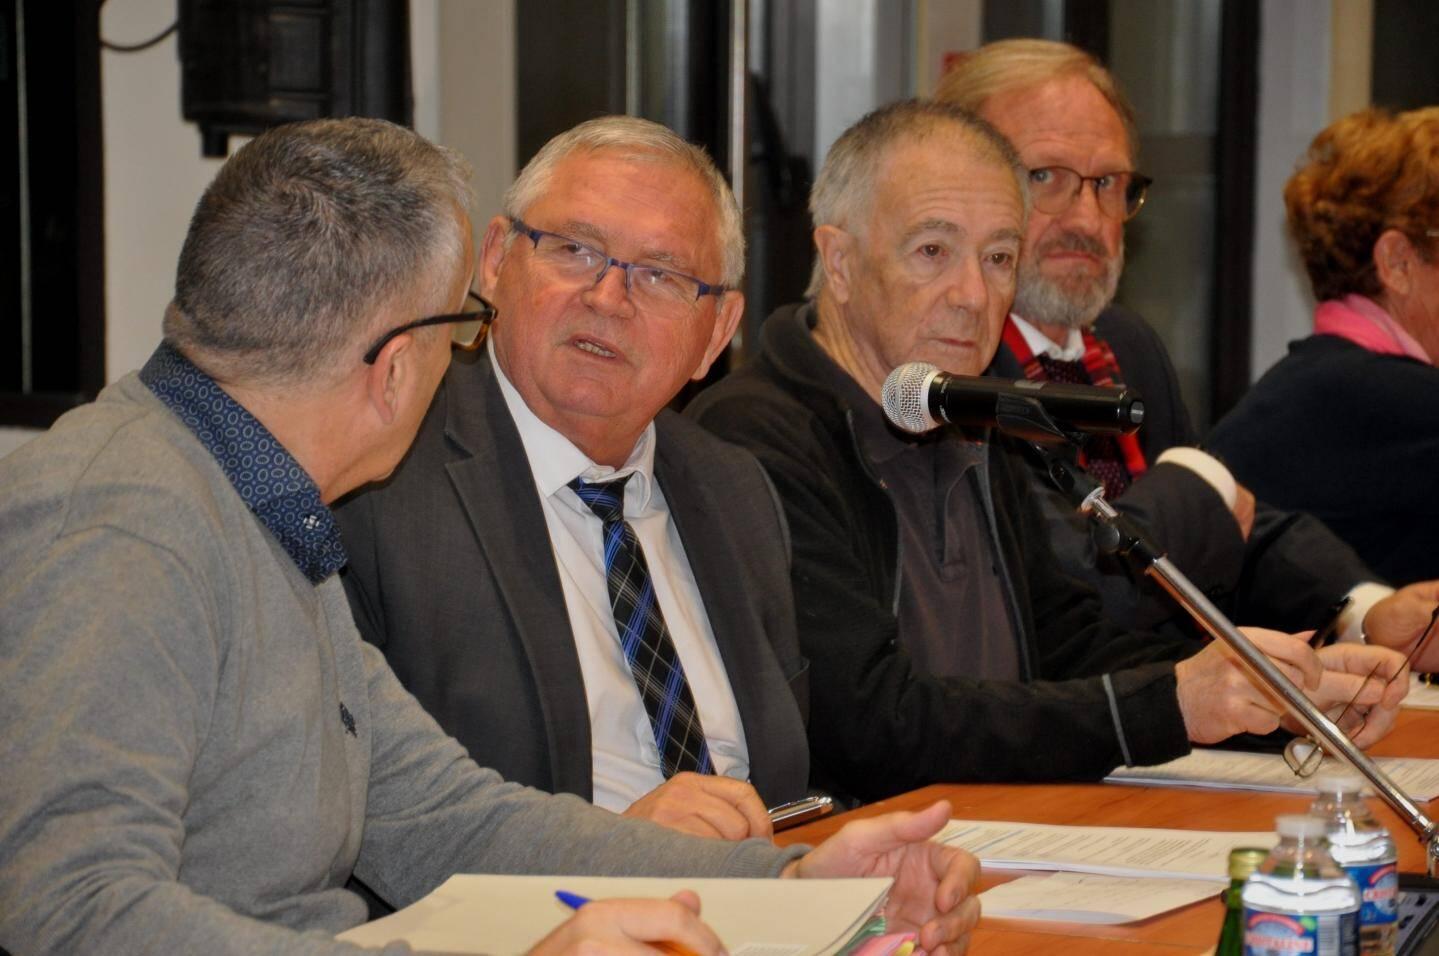 Gilles Vincent le maire (avec la cravate) a orchestré ce conseil avec ses adjoints.